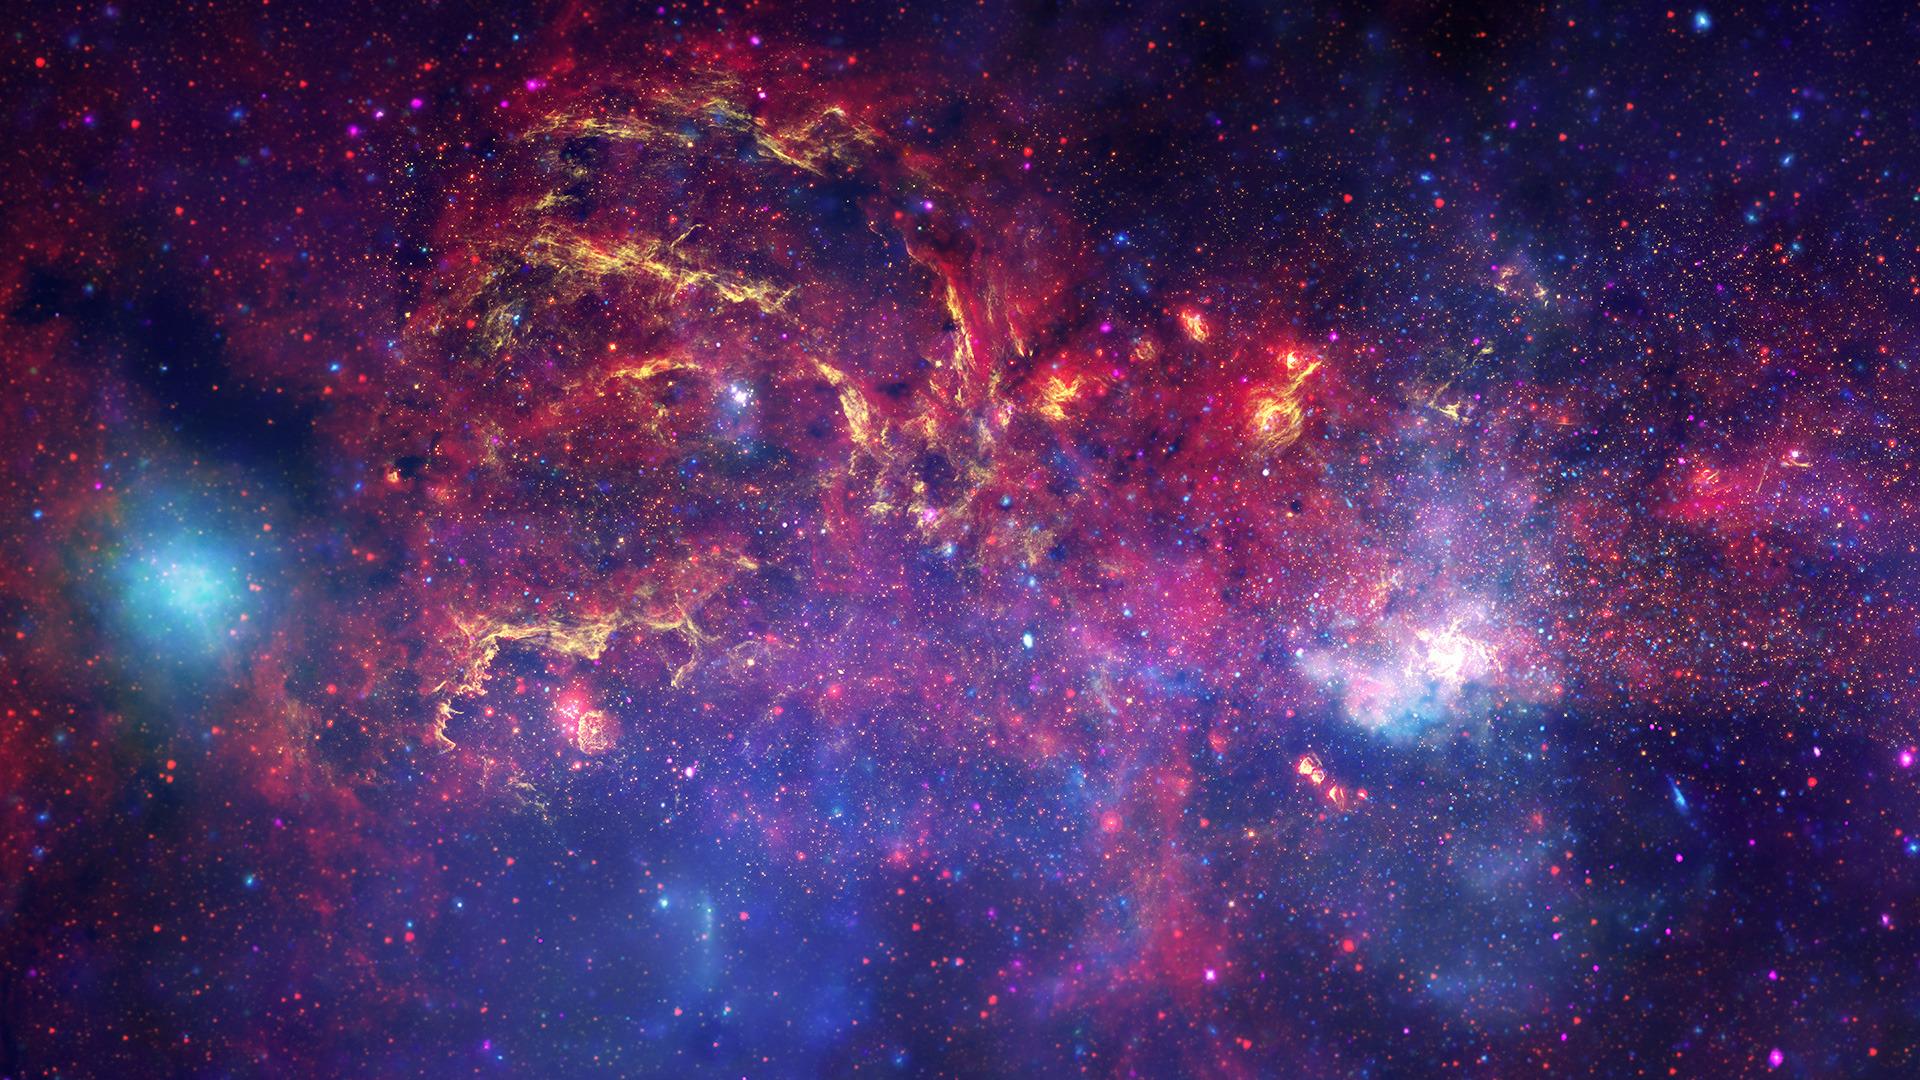 Beautiful Galaxies wallpaper   ForWallpapercom 1920x1080